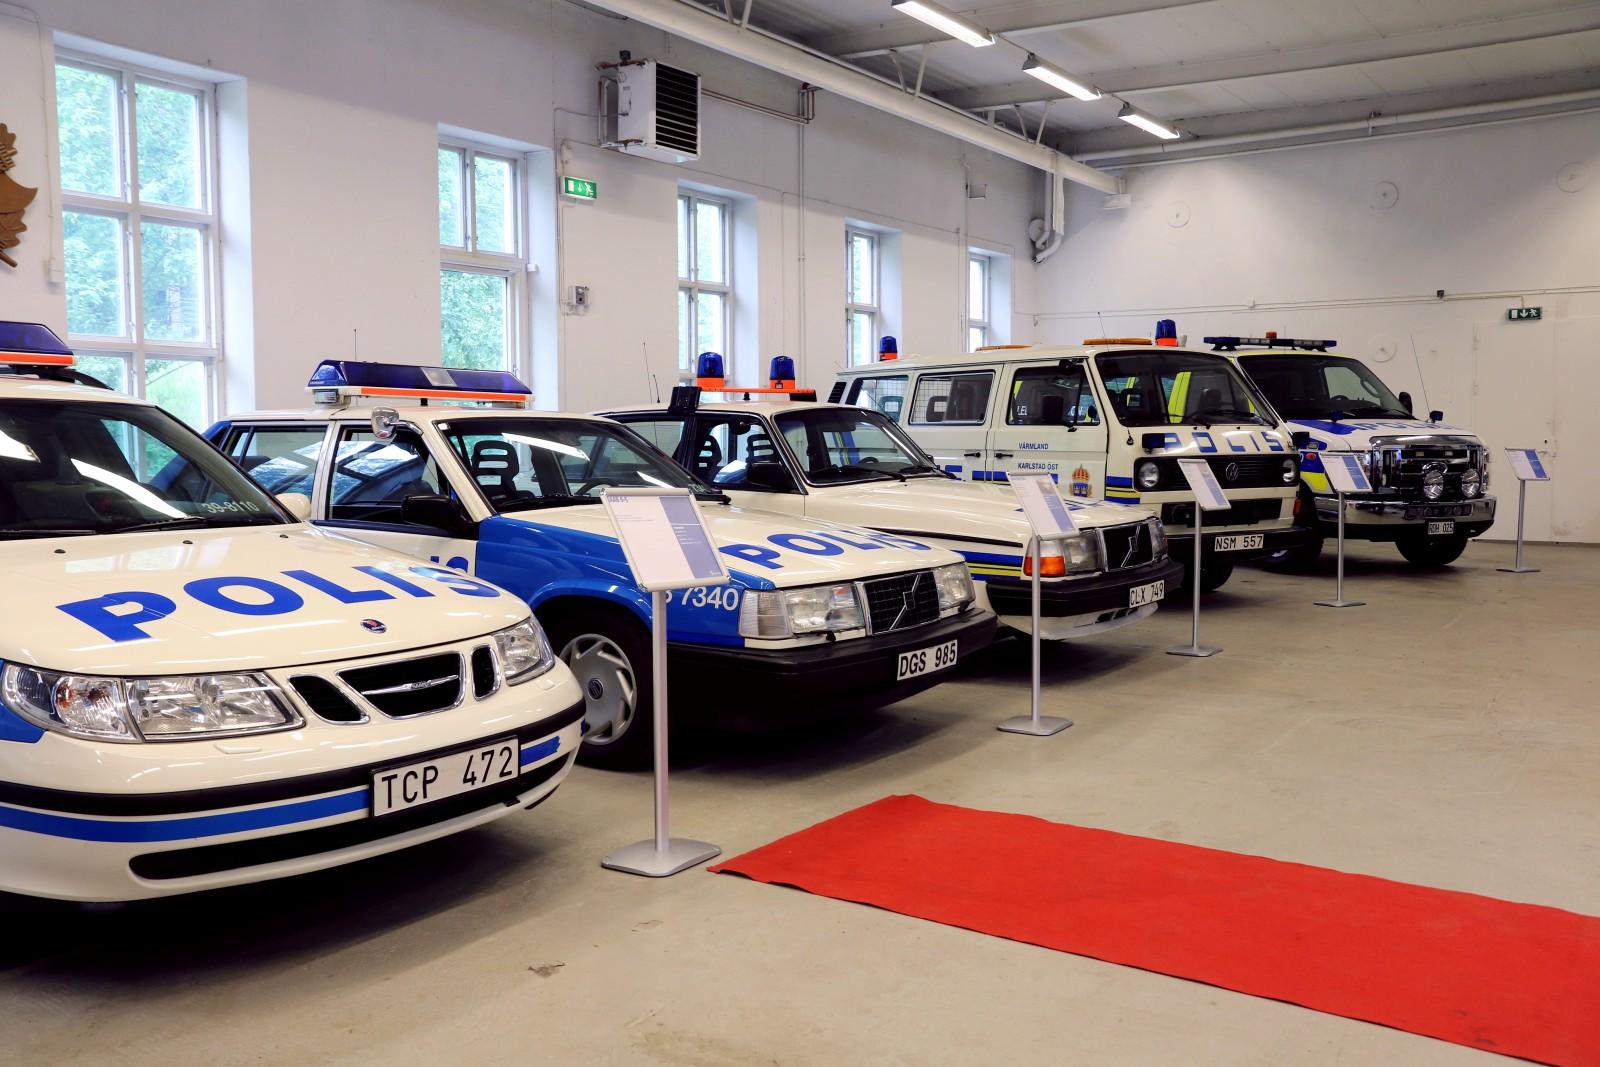 Polismuseet öppnar fordonssamlingen för besök